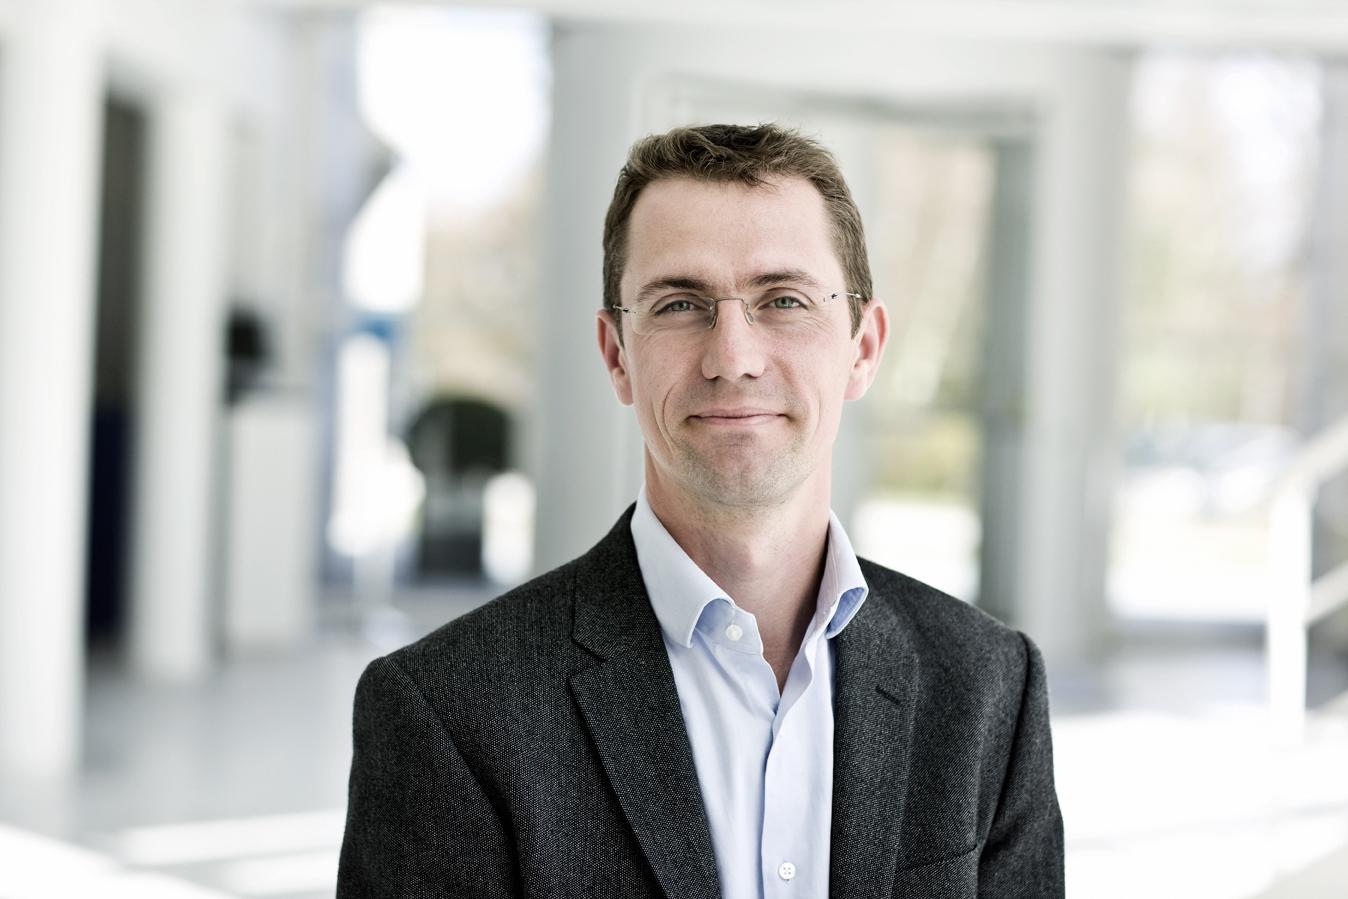 Kristian Heydenreich